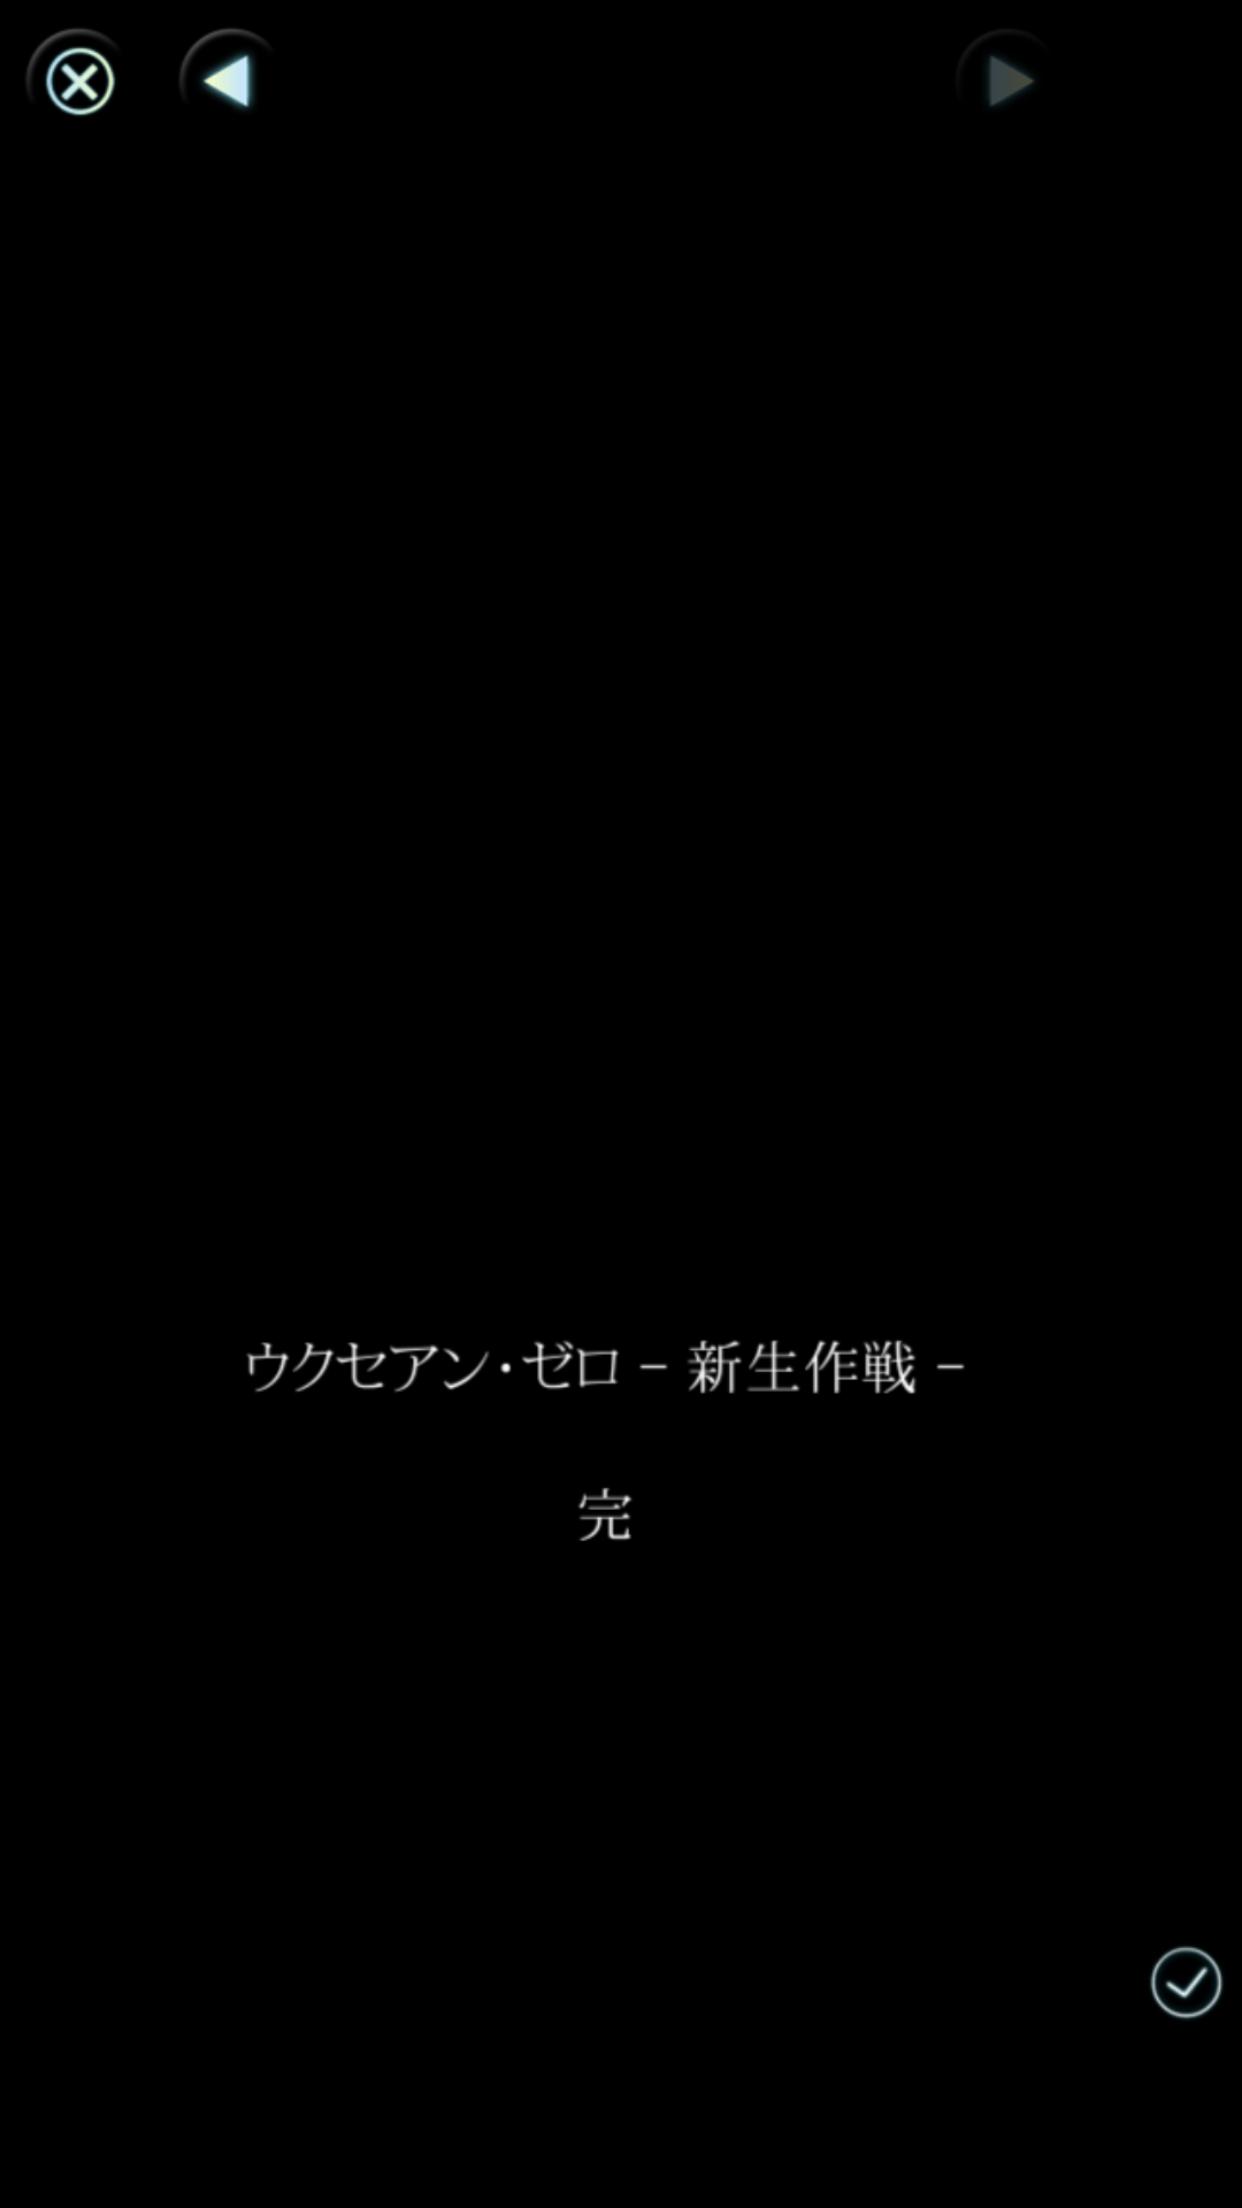 ウクセアン・ゼロ-新生作戦-